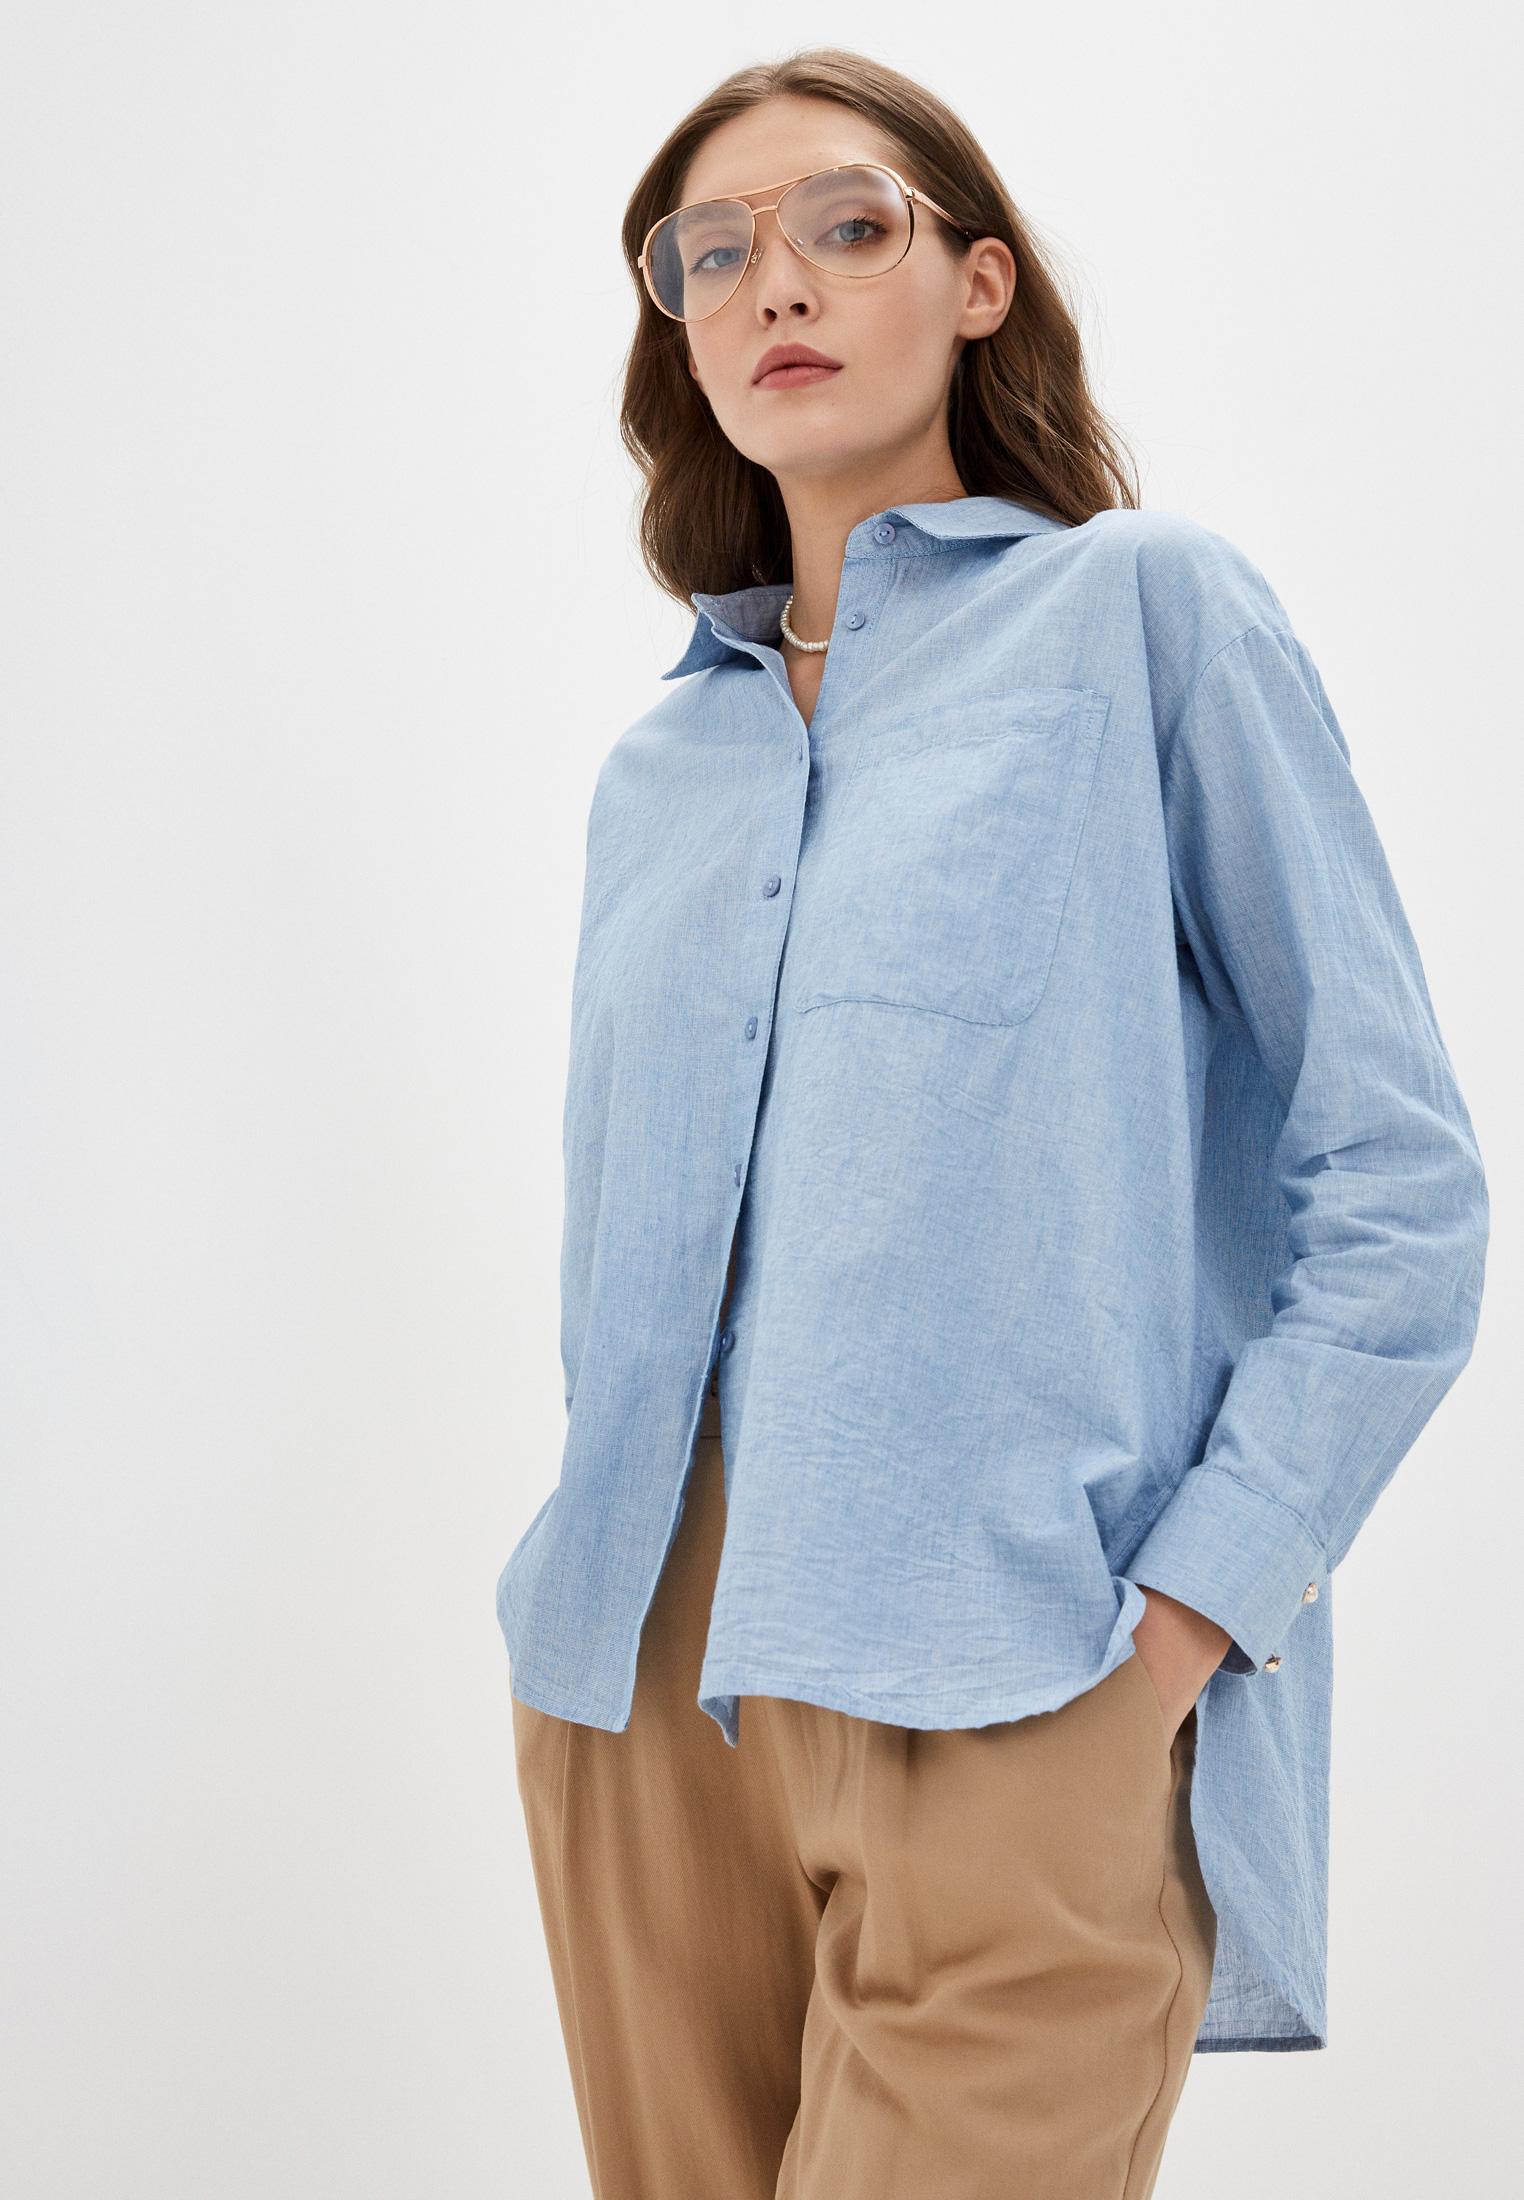 Женские рубашки с длинным рукавом Pimkie 562233: изображение 1